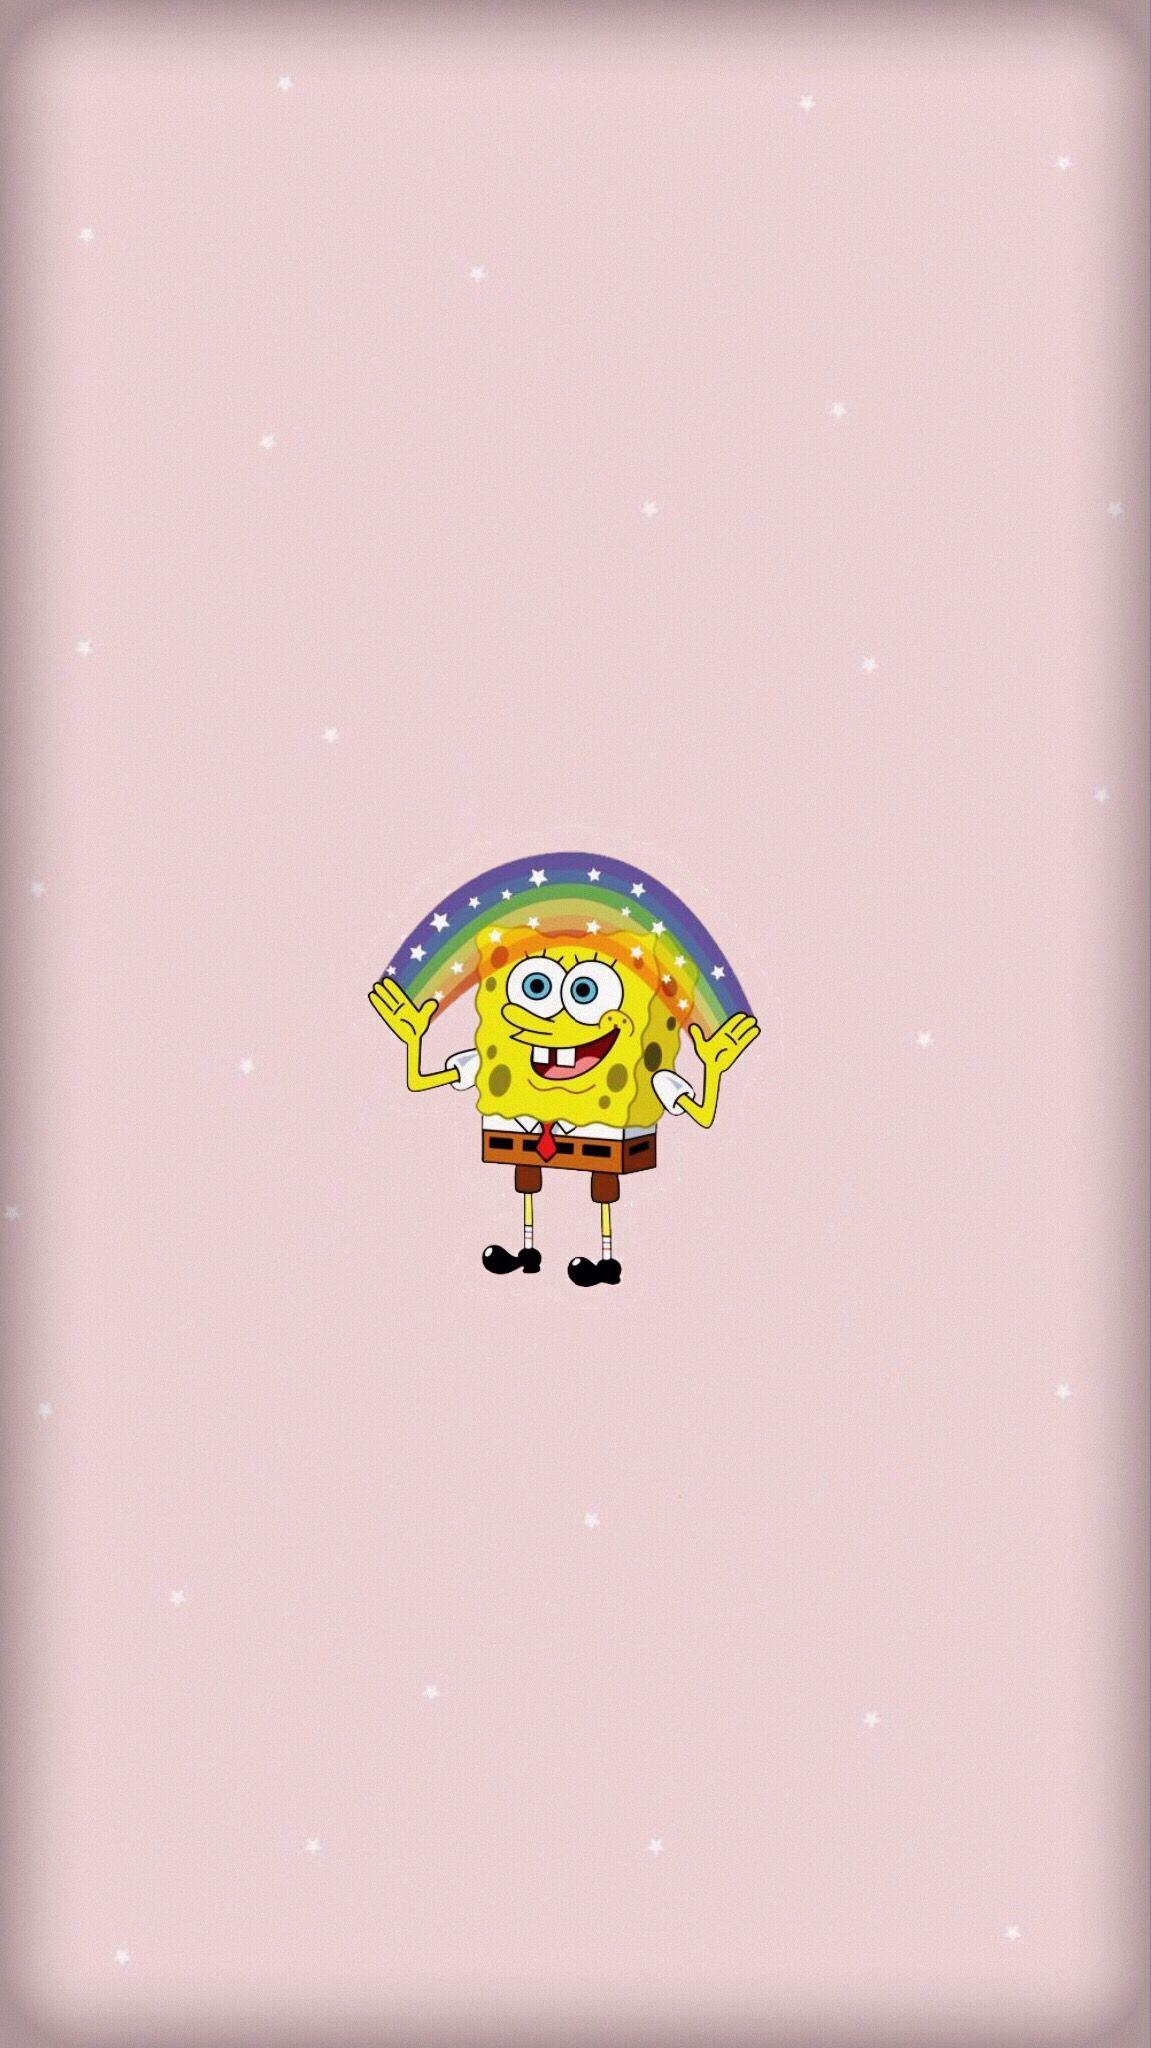 Wallpaper spongebob 𝐼𝓈𝒶𝓉𝒶𝓀𝒶𝓈𝑒